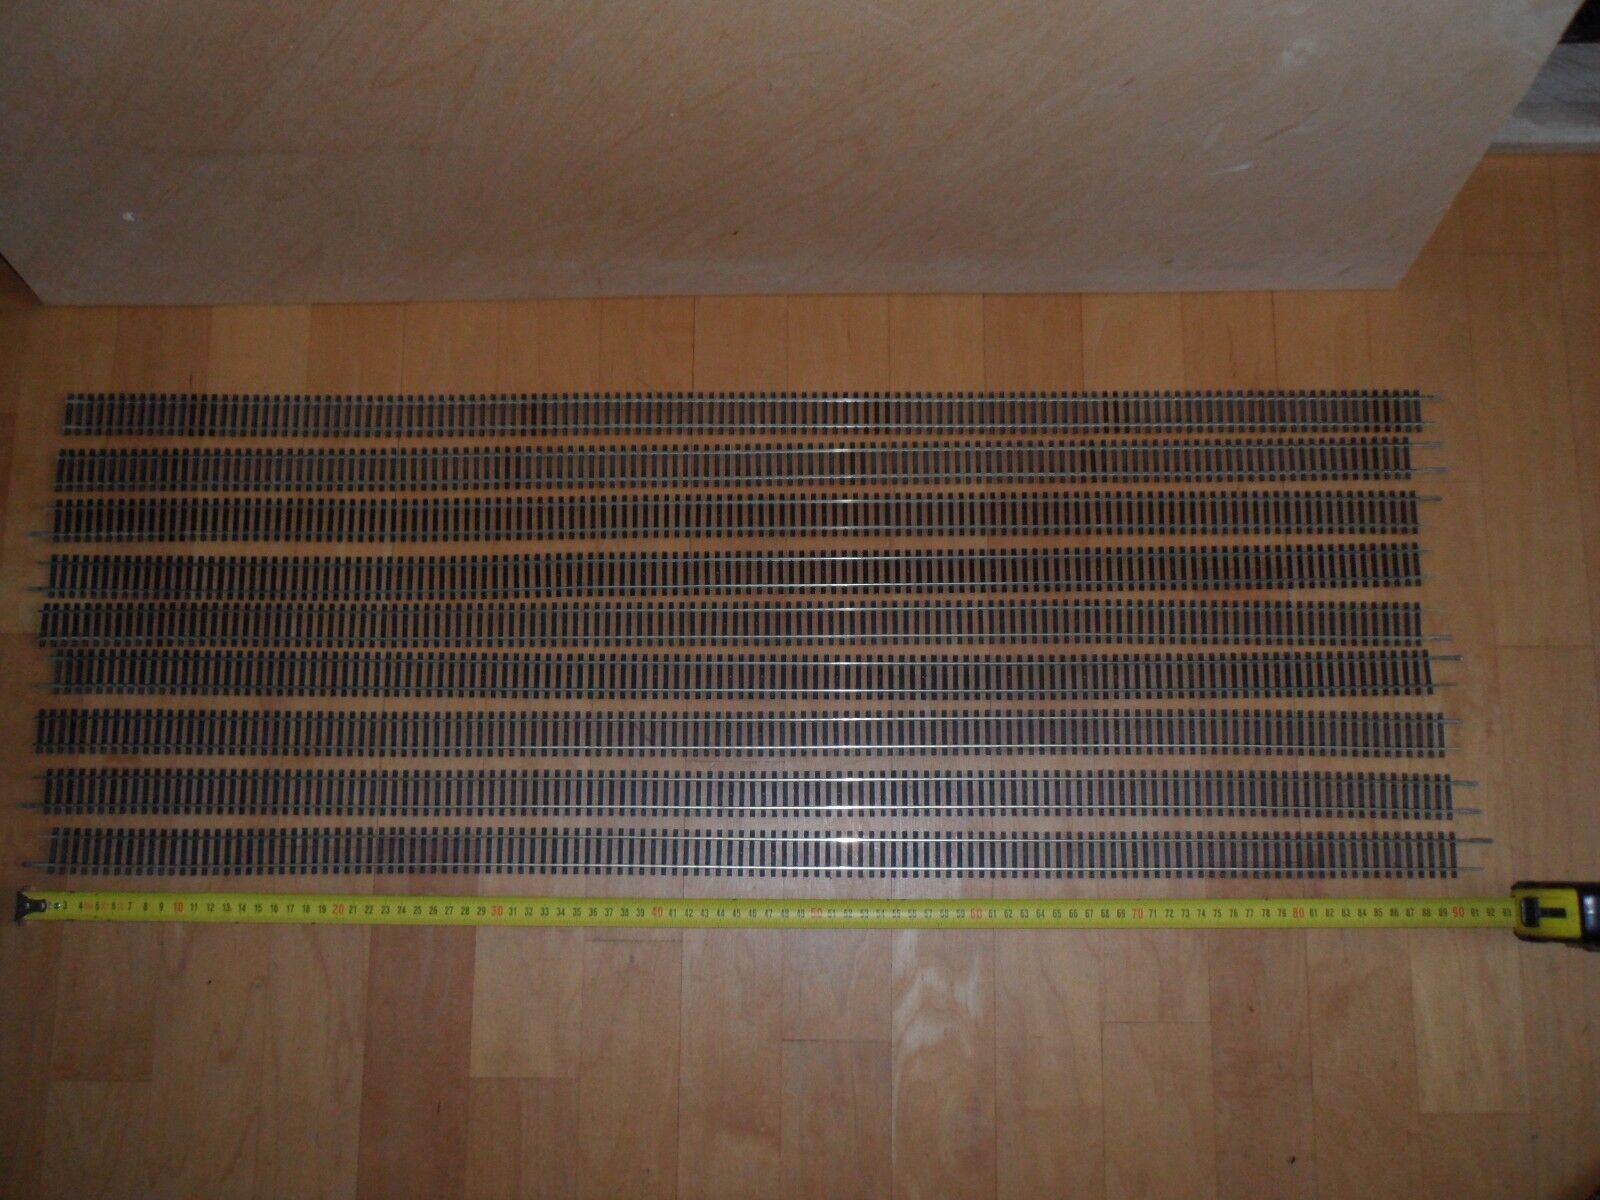 H0 Roco 42201 Flexgleis 90 cm 9 pieces 0050